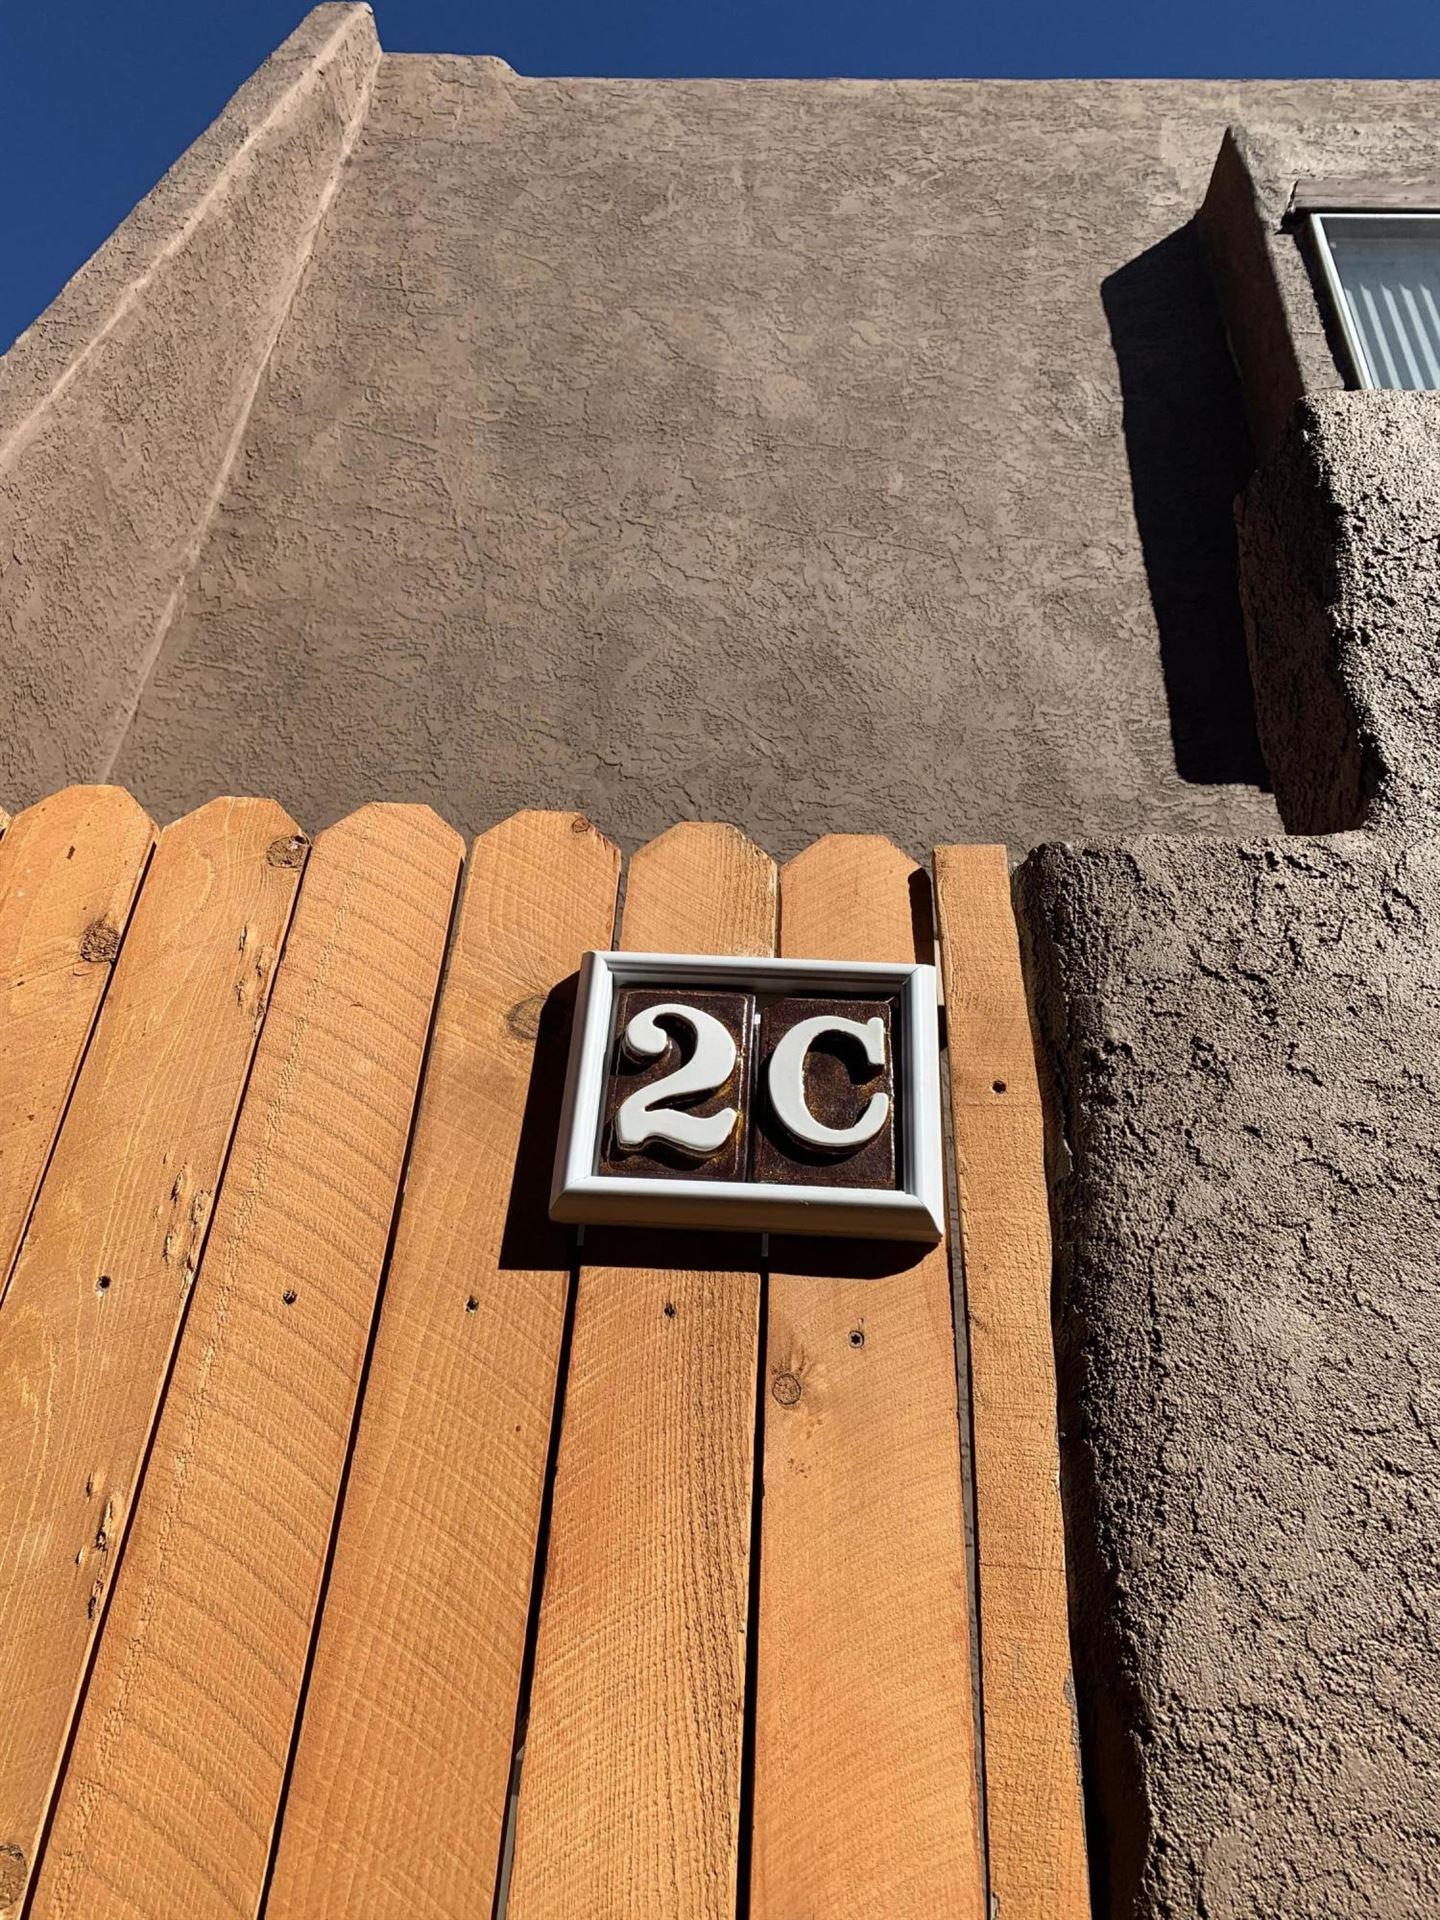 5801 LOWELL Street NE #2C, Albuquerque, NM 87111 - MLS#: 986328